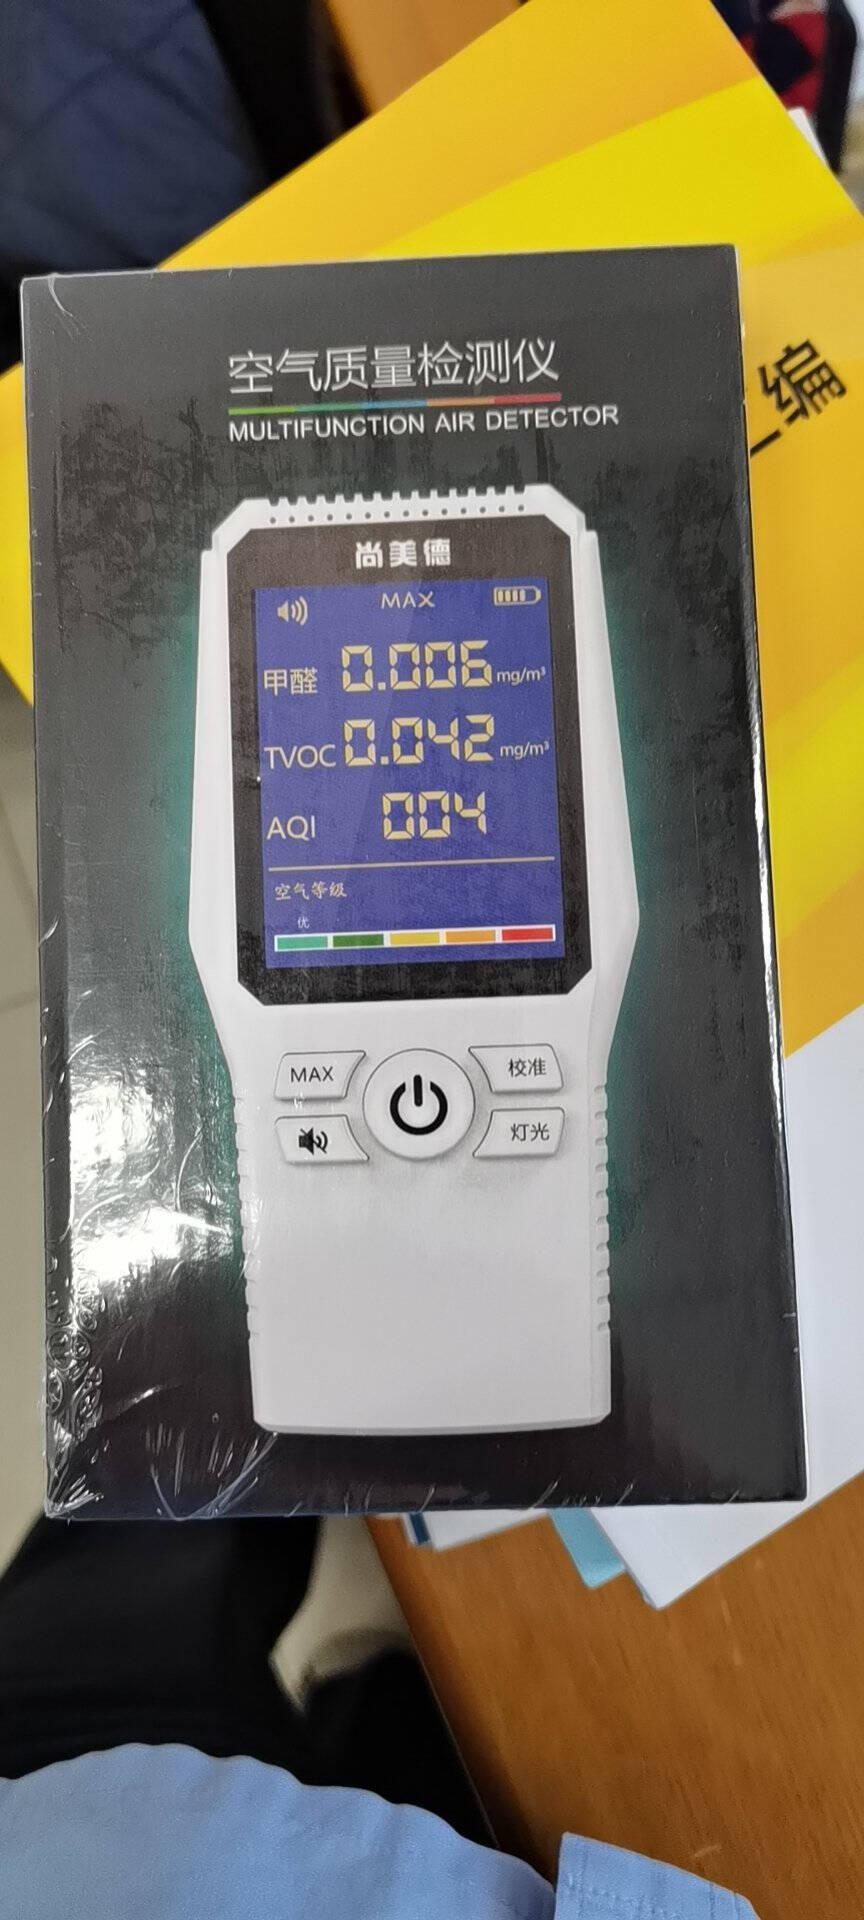 尚美德甲醛检测仪家用TVOC空气质量自监测试仪盒检测仪除甲醛测试仪器充电款检测仪